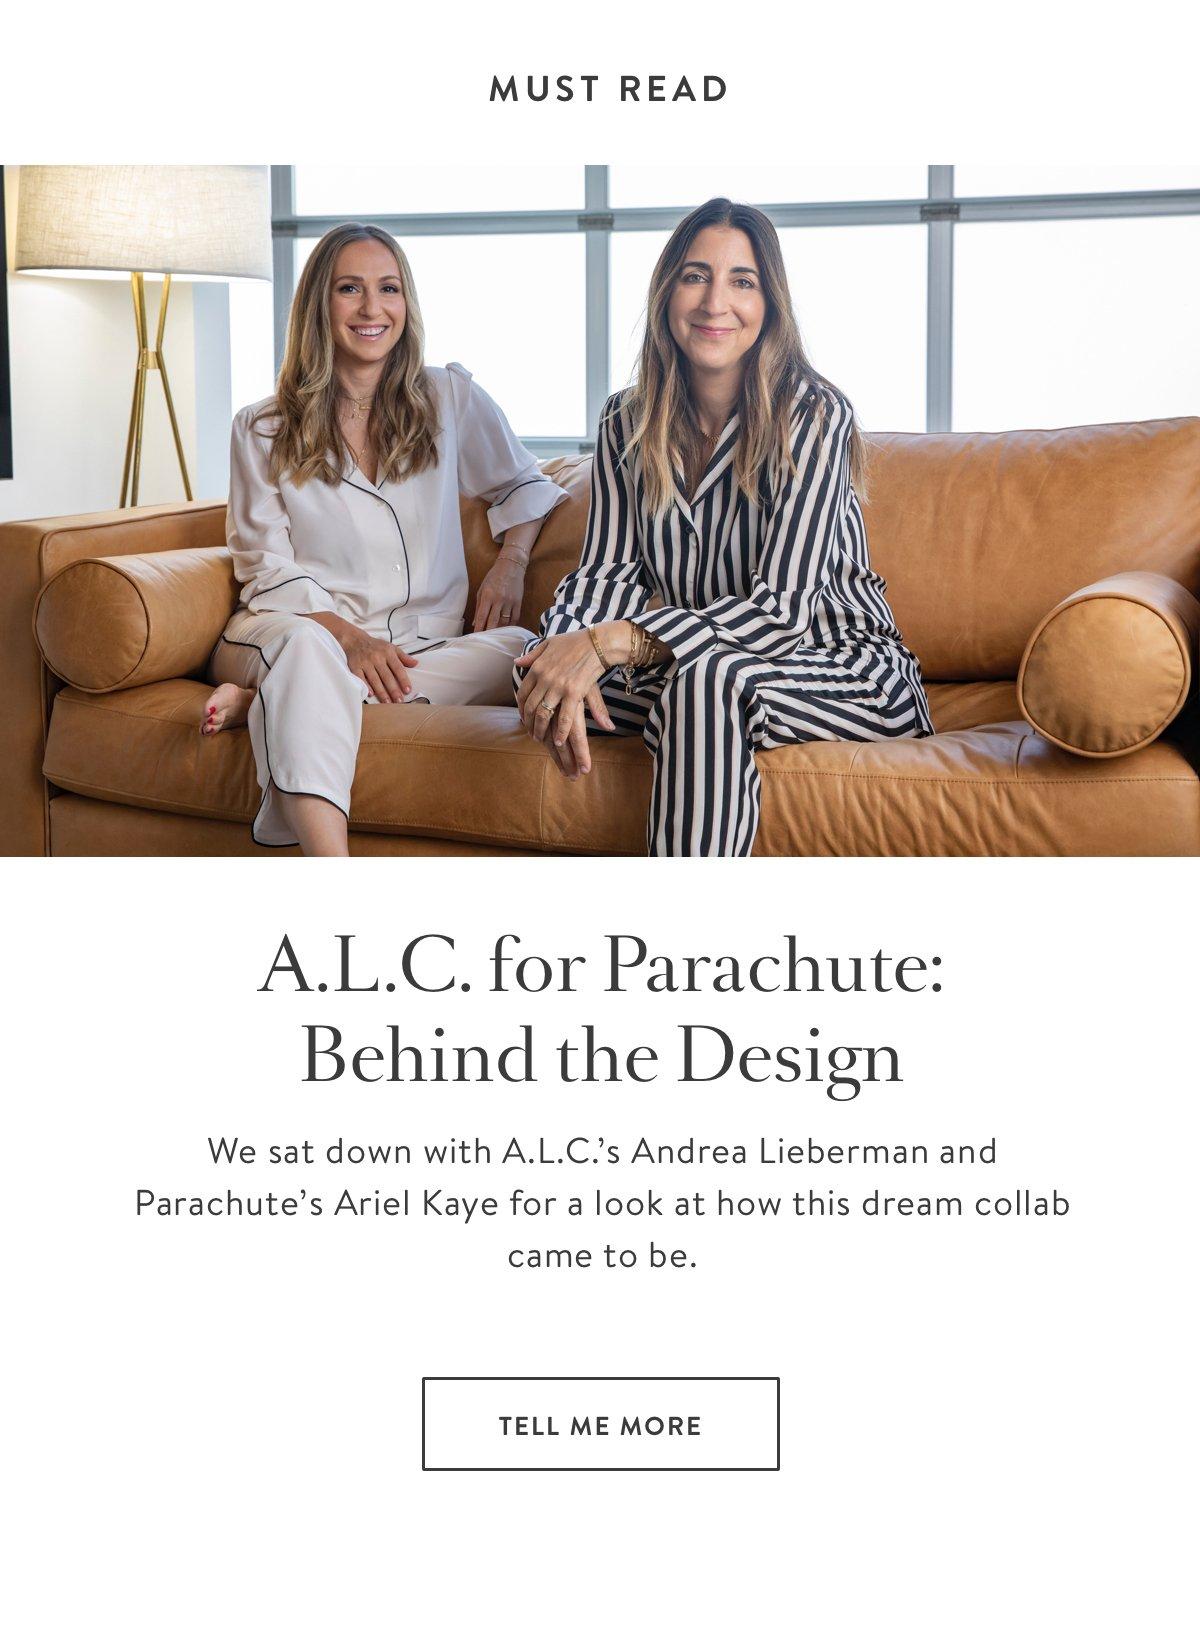 ALC for Parachute Design Story